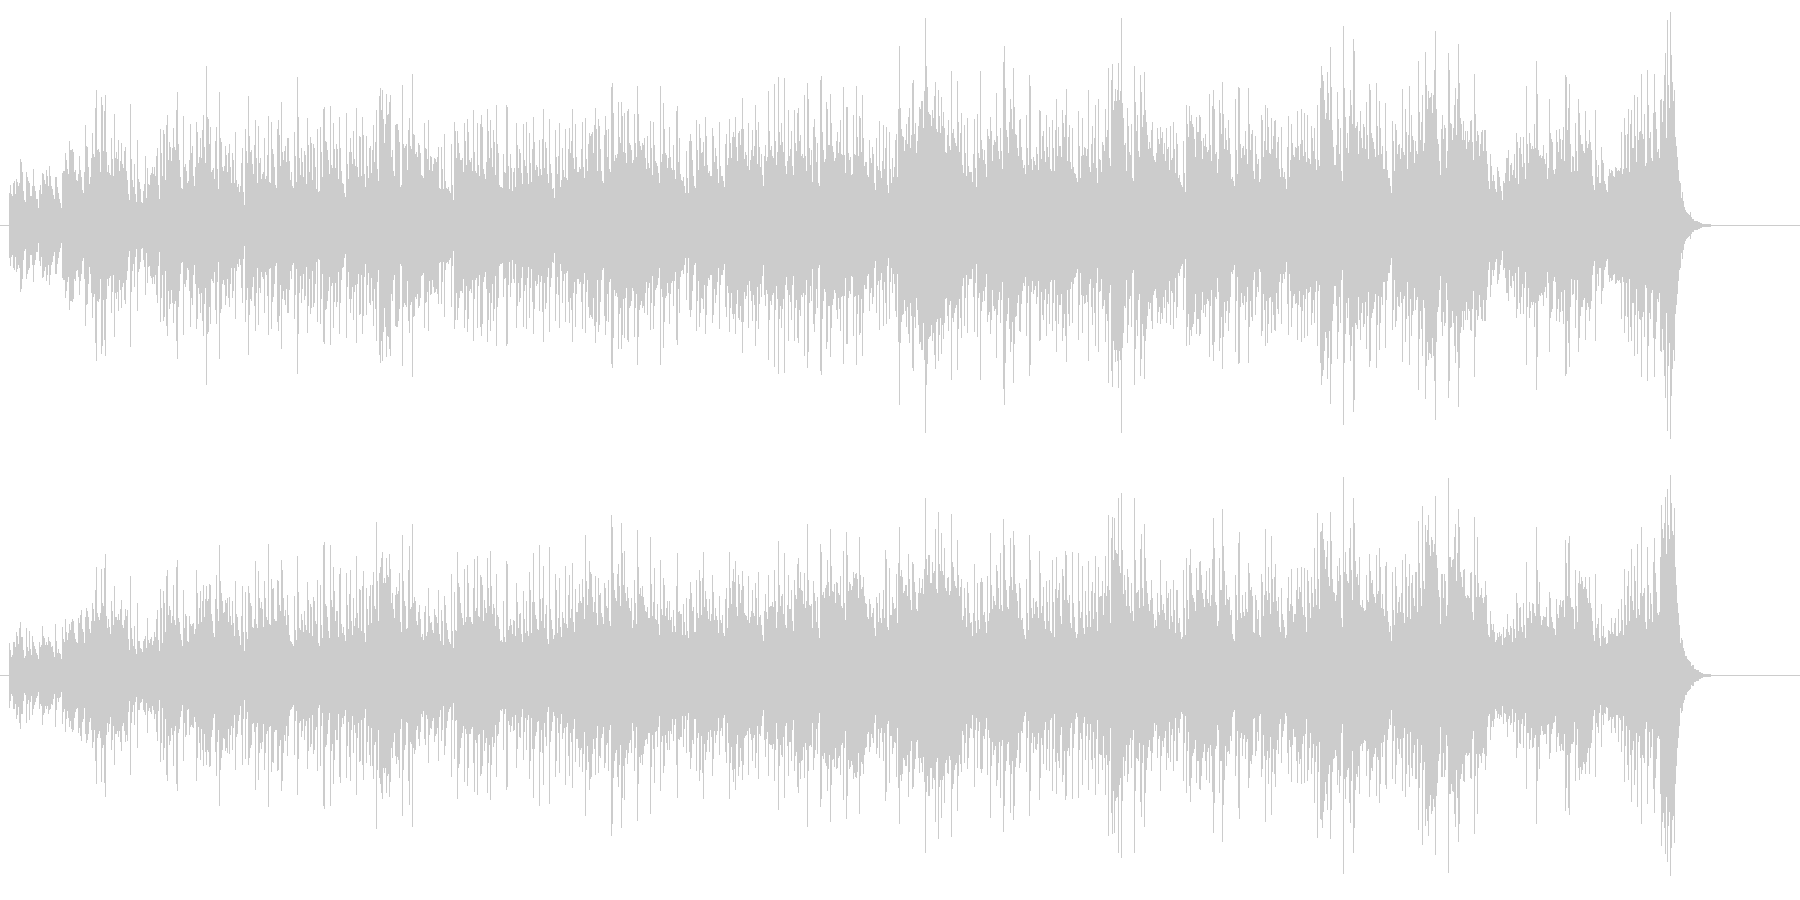 マリンバ・アンサンブル(中南米の清い風)の未再生の波形